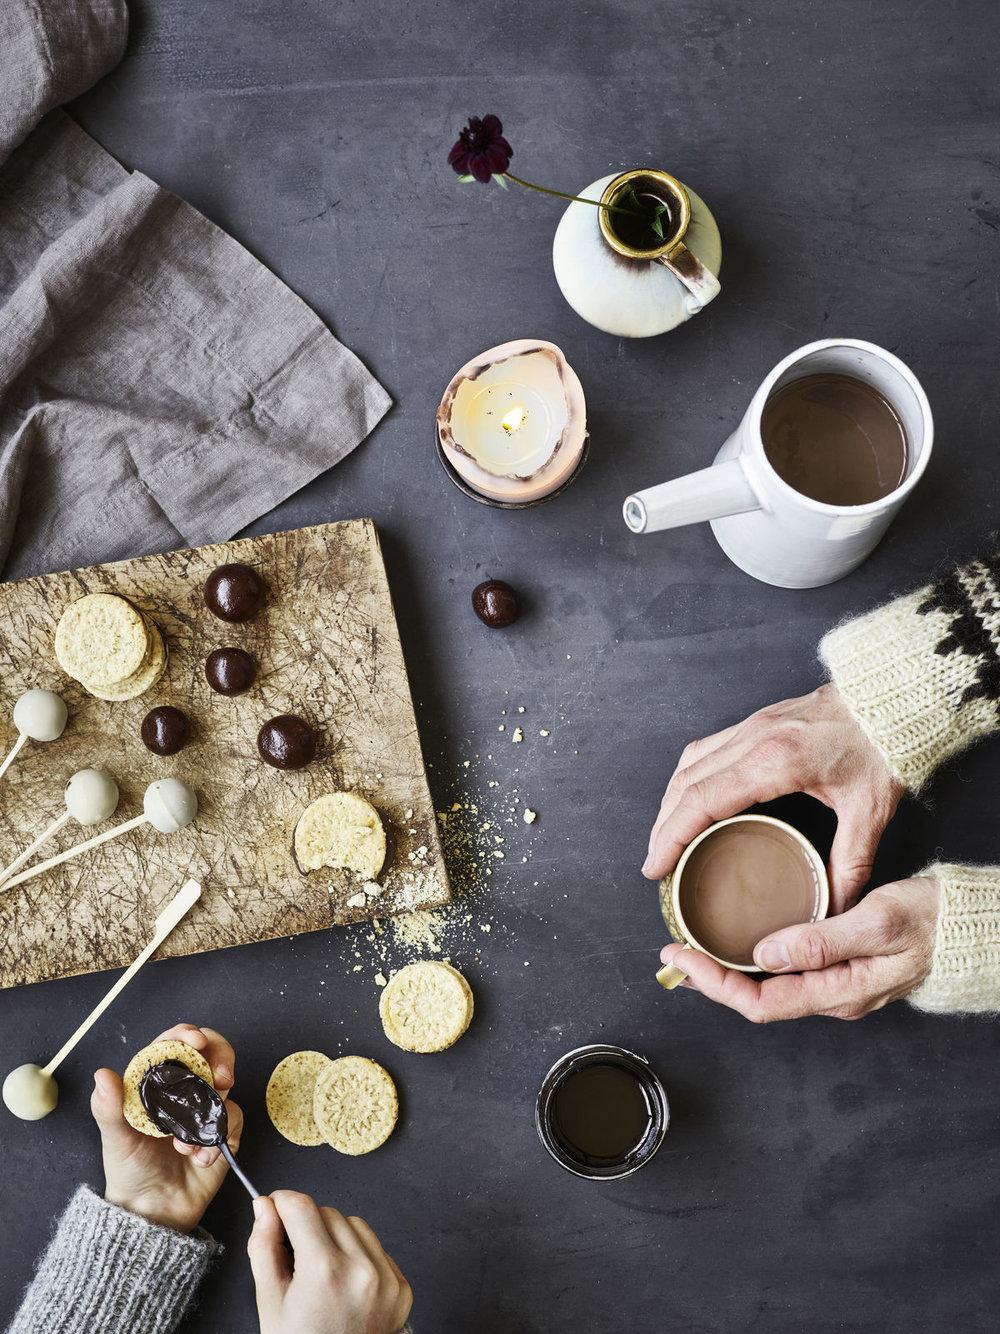 Bjud en vän - Att ha choklad i fast eller flytande form hemma är ett måste i mellandagarna.